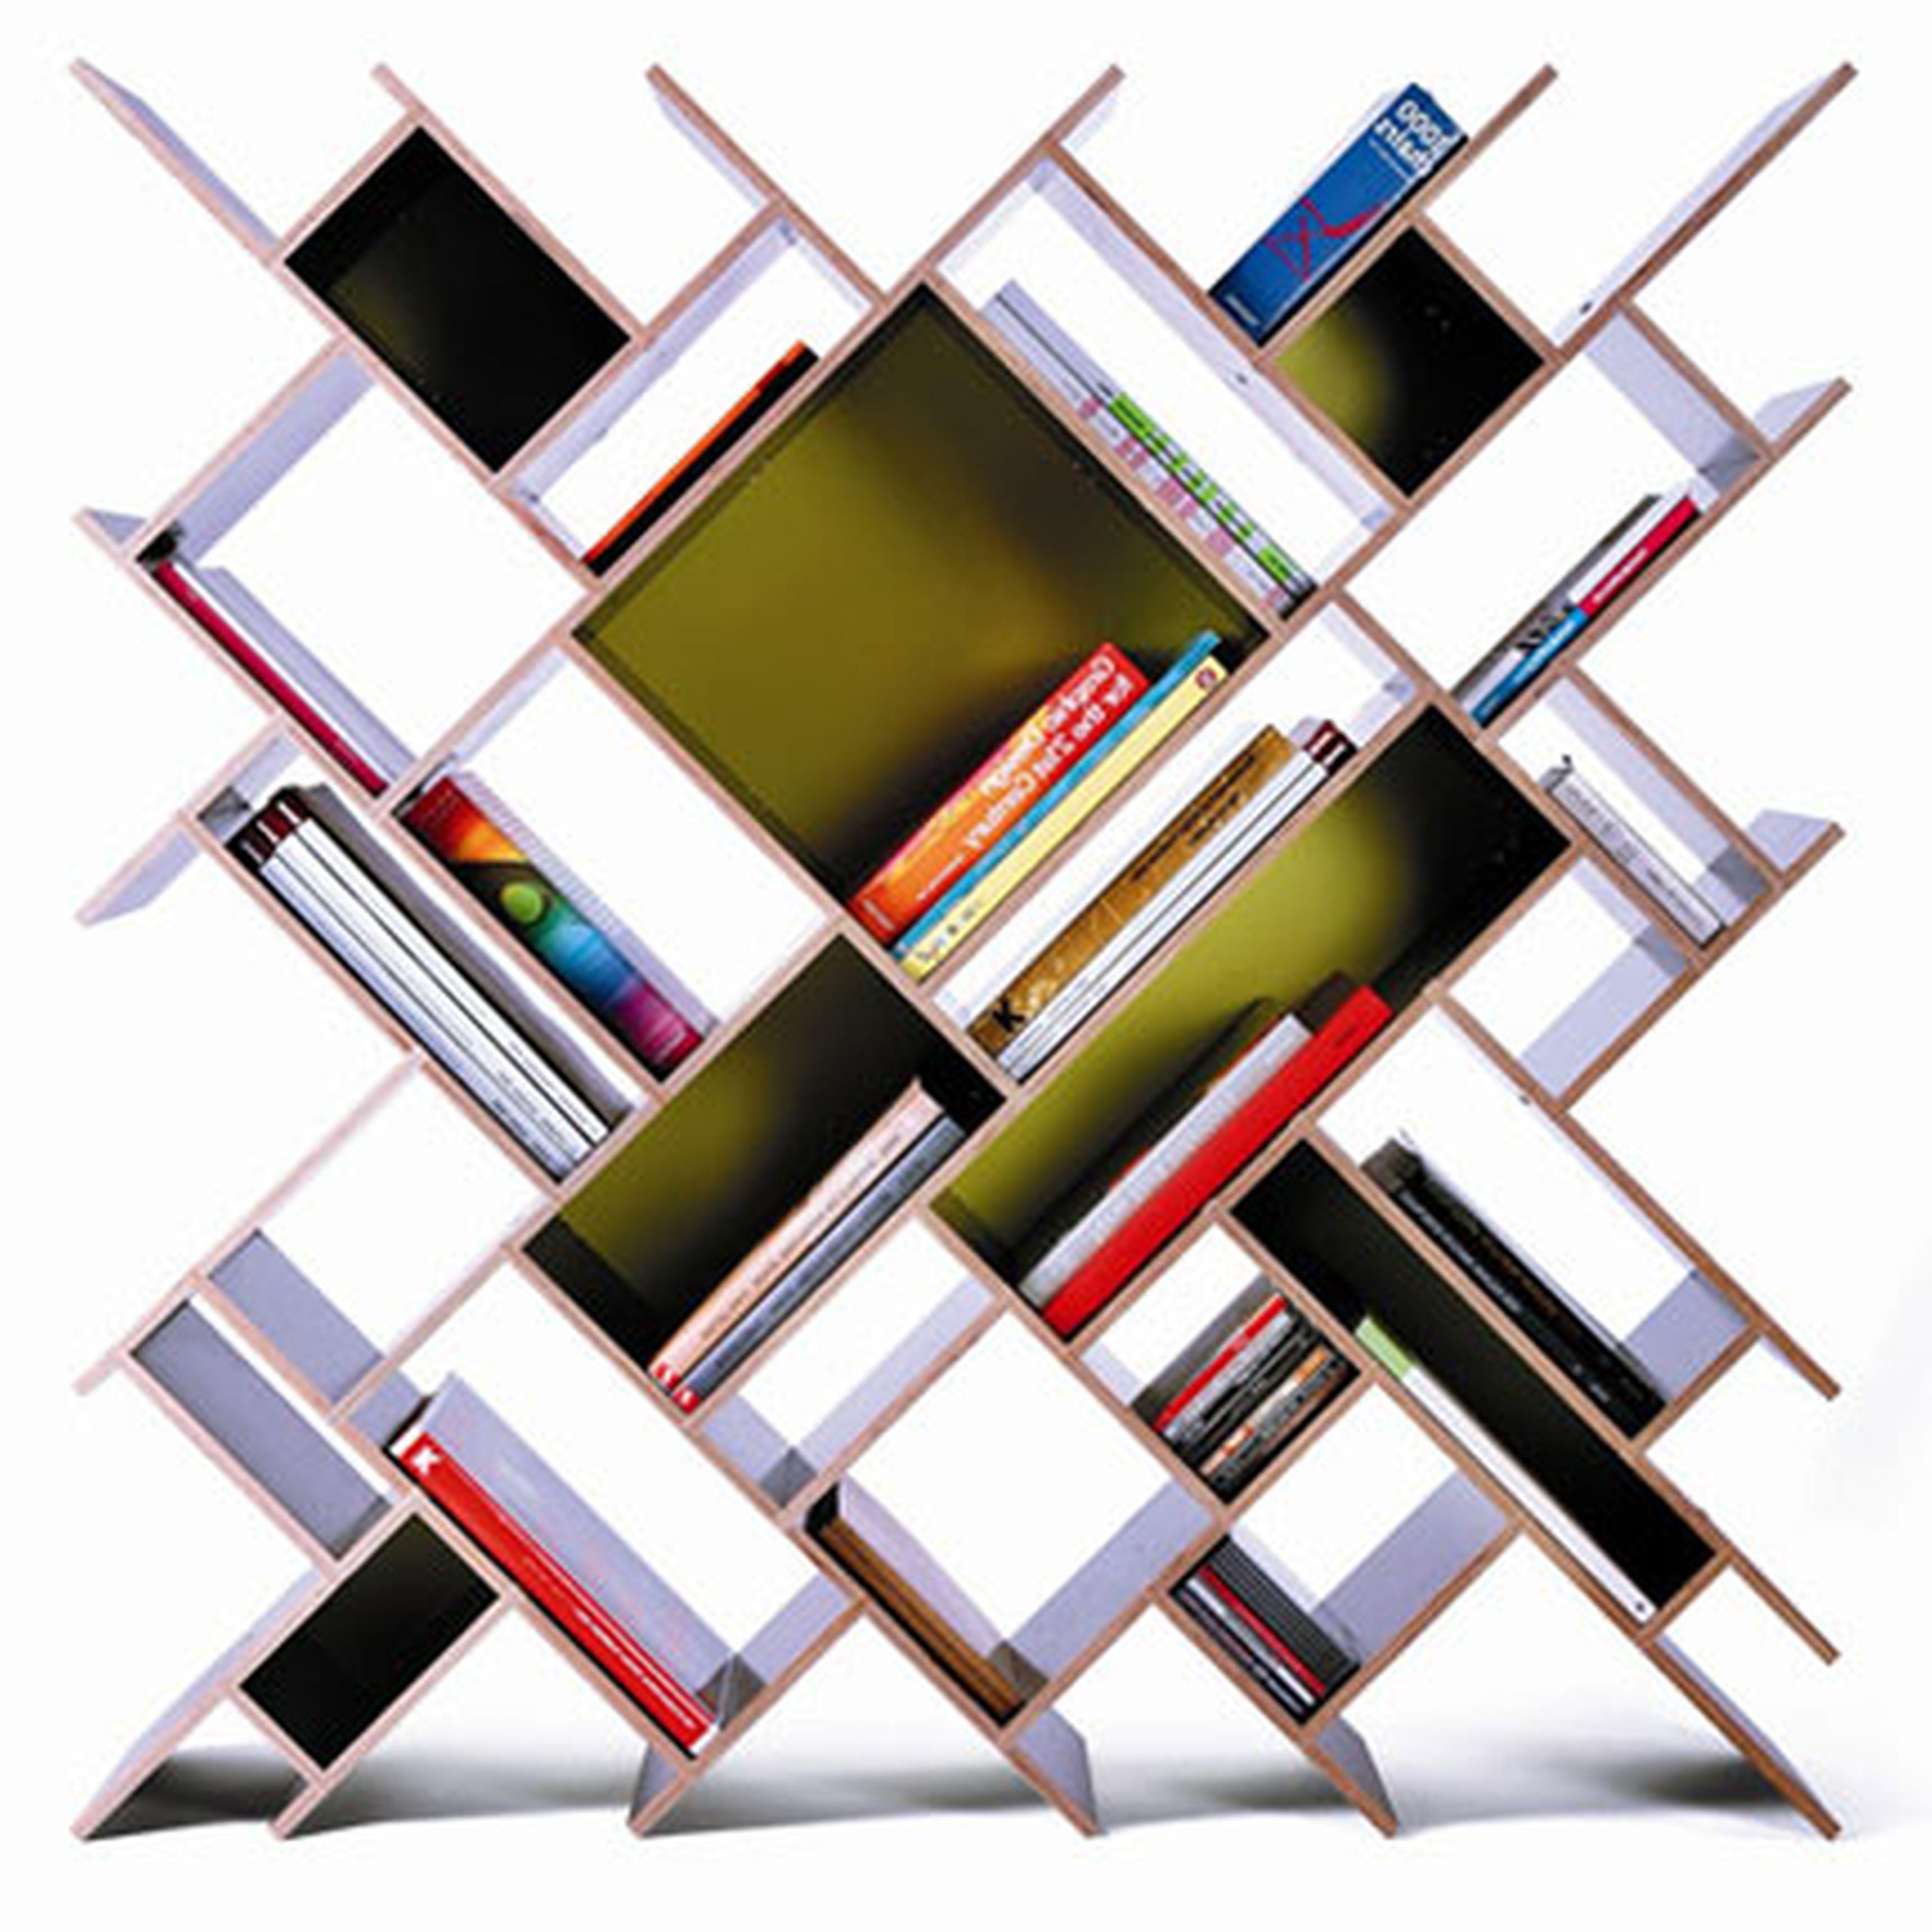 Decoration Unique Futuristic Bookcase Style With Tilt Concept And Idee Scaffale Design Scaffali Idee